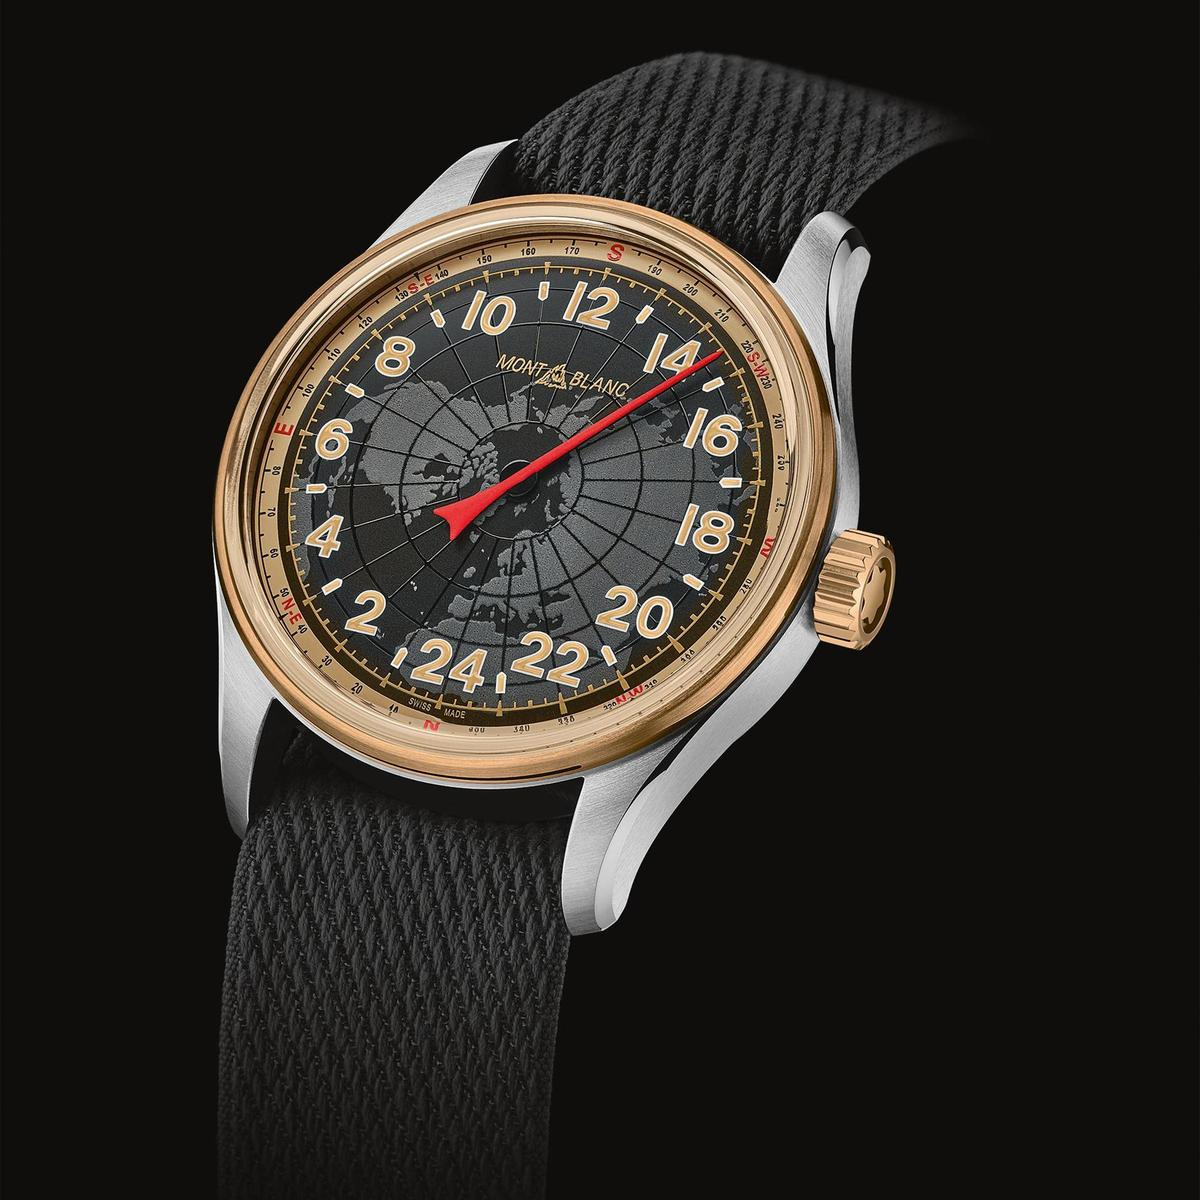 1858系列24H自動腕錶。少見的單針指示功能有話題之外,其單指針還能配合太陽位置計算出方位。定價約NT$100,300。